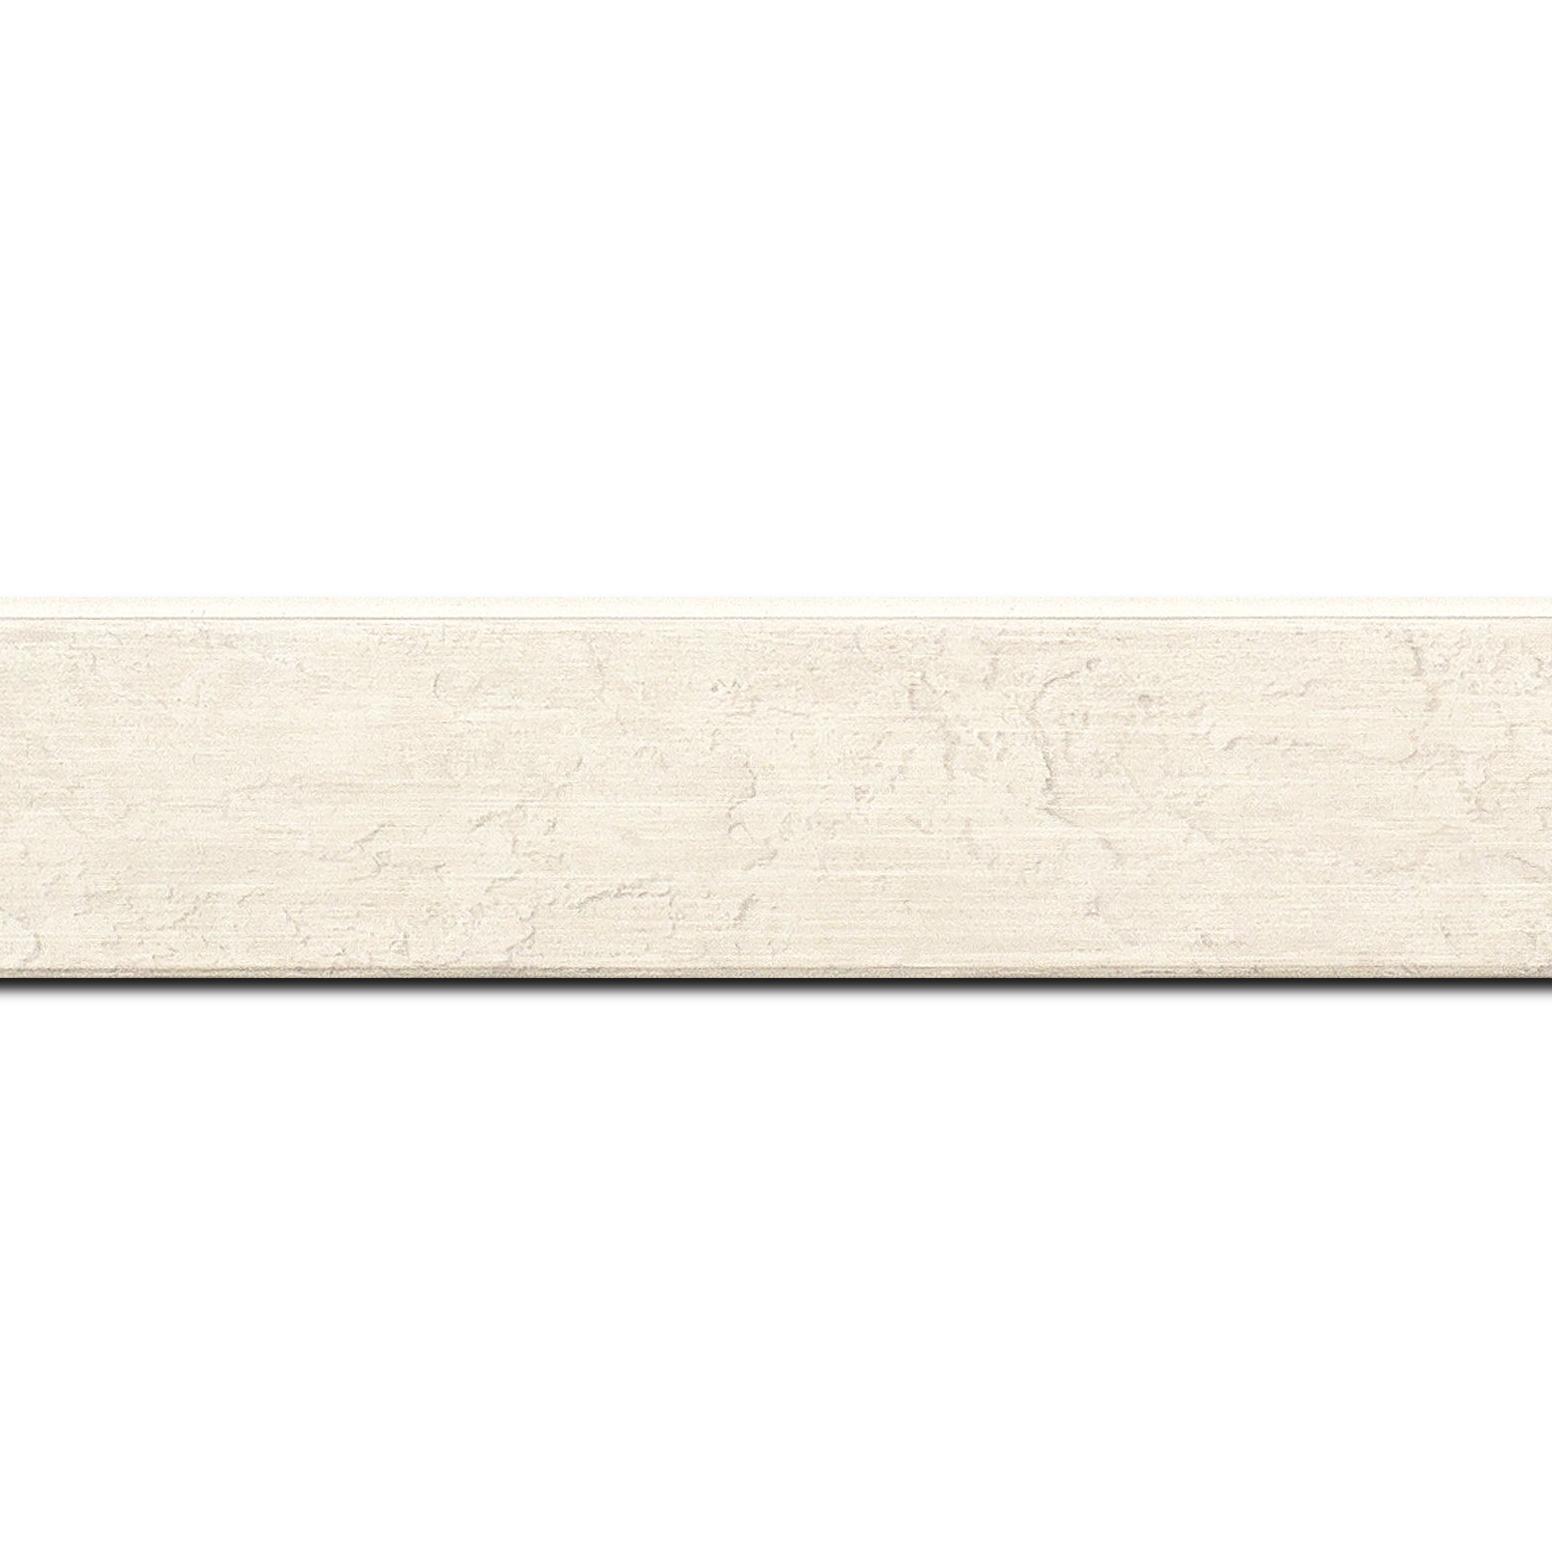 Pack par 12m, bois profil plat incliné largeur 3.7cm couleur blanc effet ressuyé (longueur baguette pouvant varier entre 2.40m et 3m selon arrivage des bois)